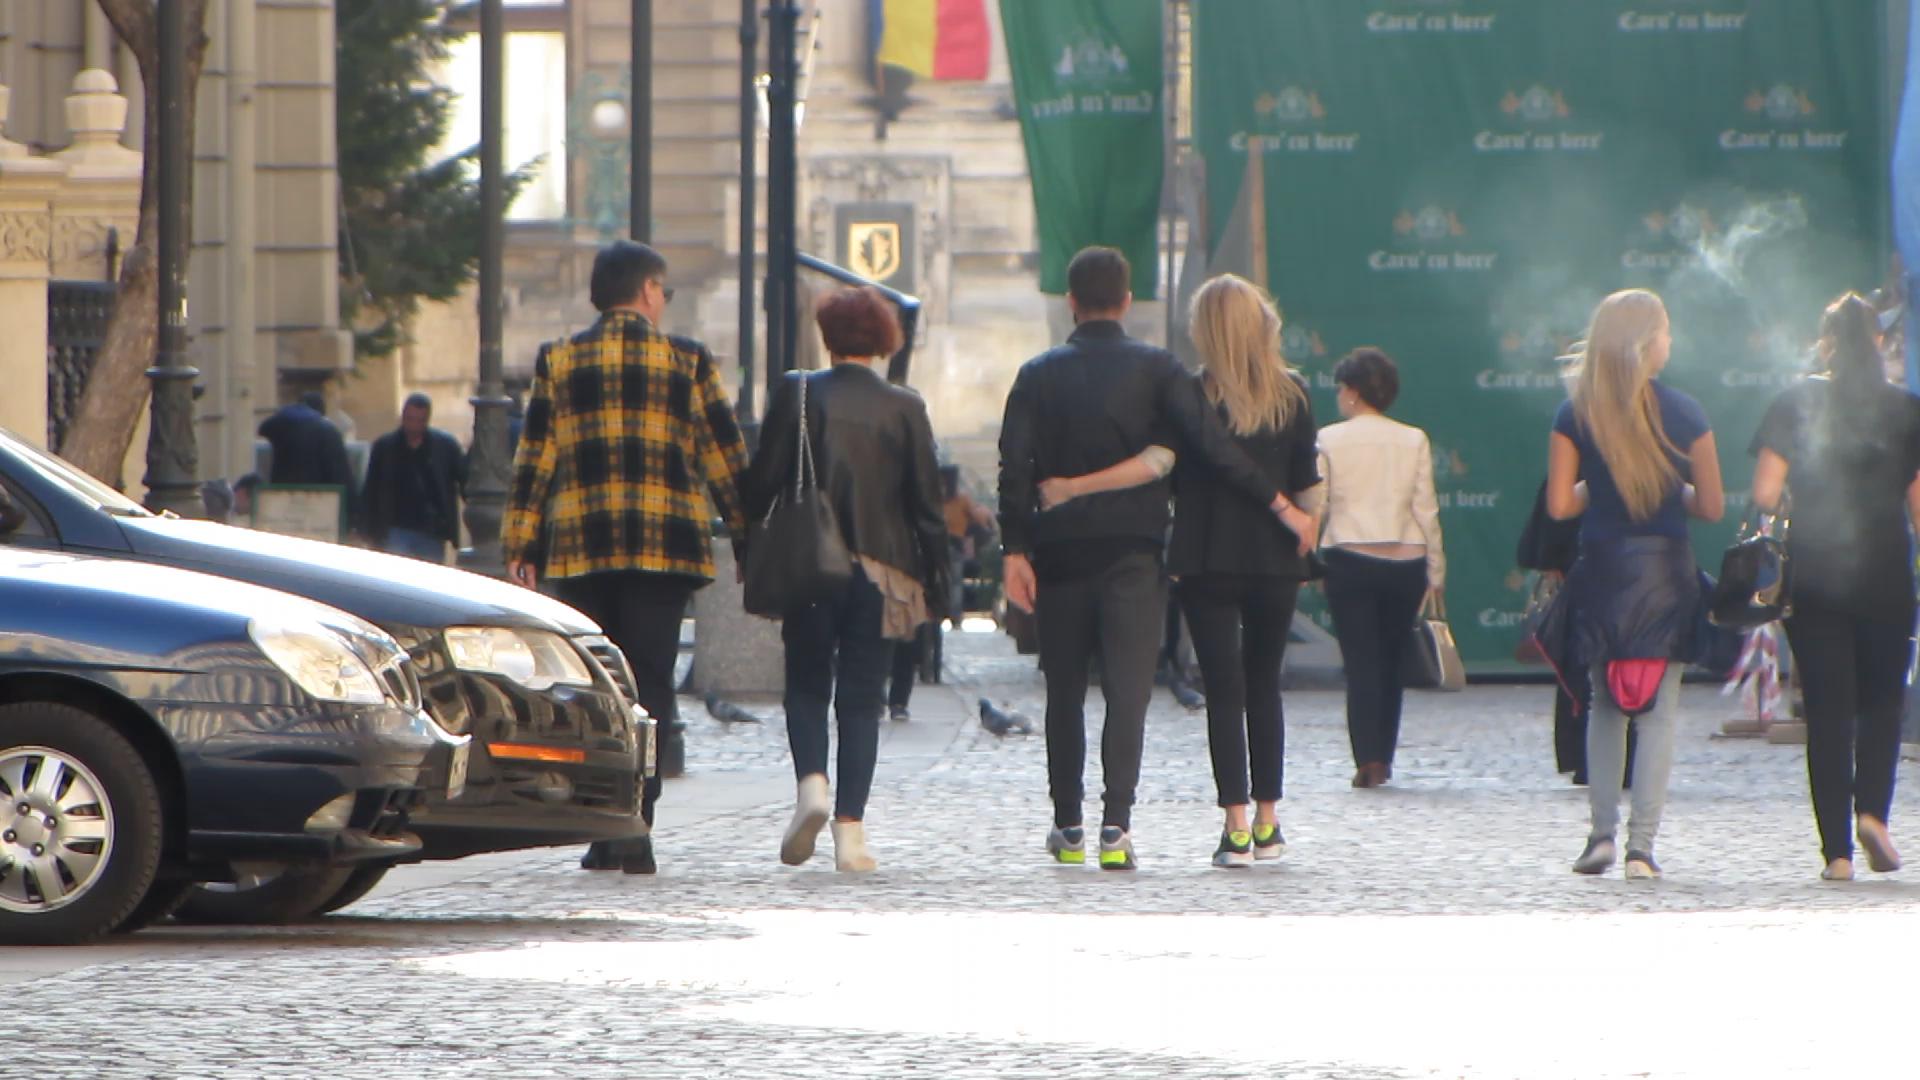 Pe tot parcursul plimbarii cei doi nu si-au dat drumul la mana